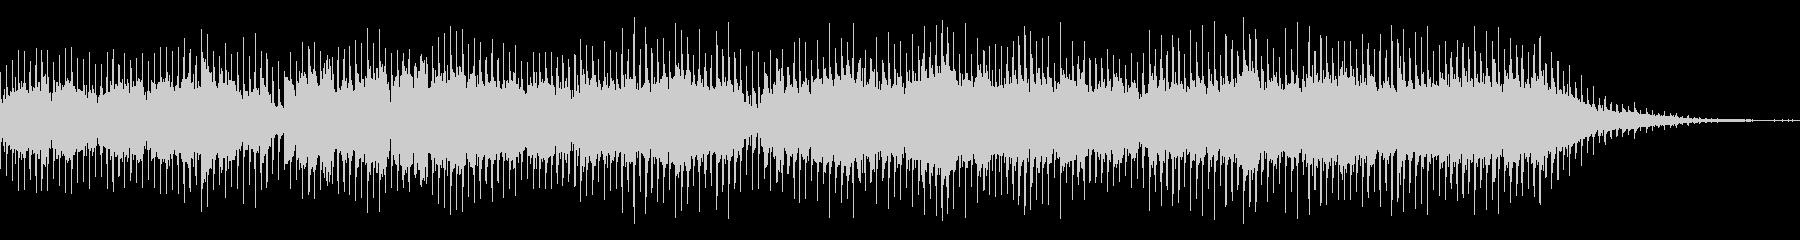 チェロとアコギの癒し系カントリーBGMの未再生の波形